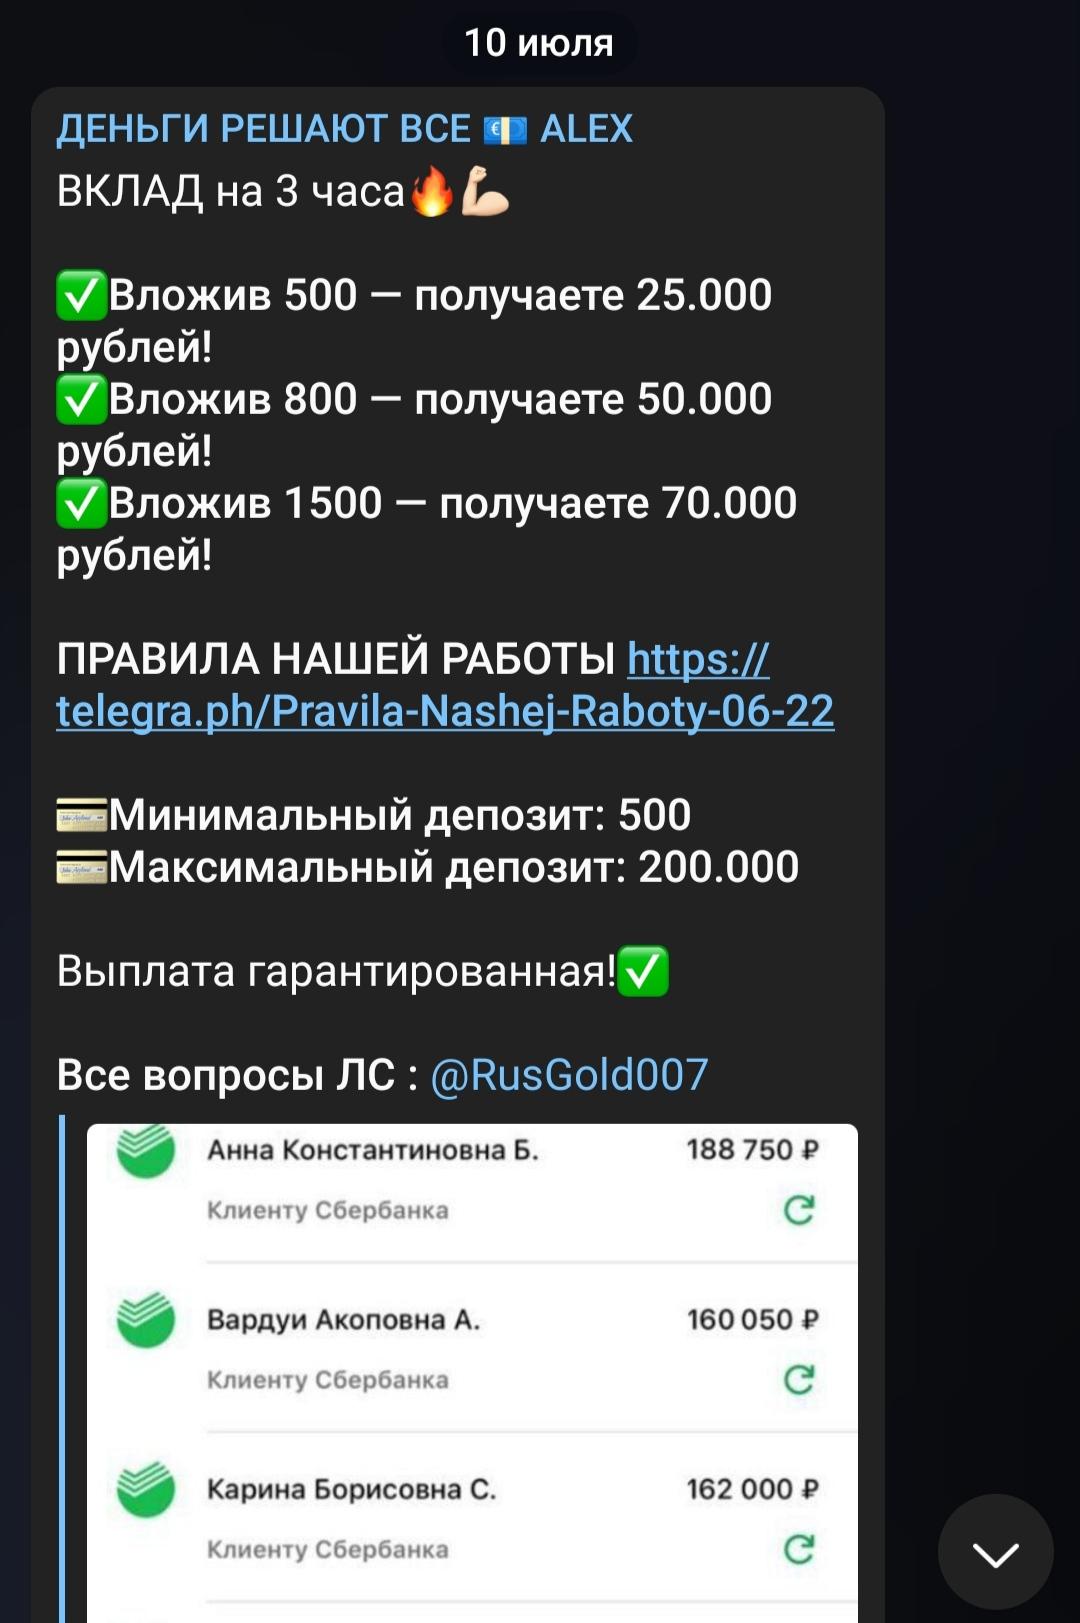 Депозиты в Telegram канал Деньги решают всё   ALEX